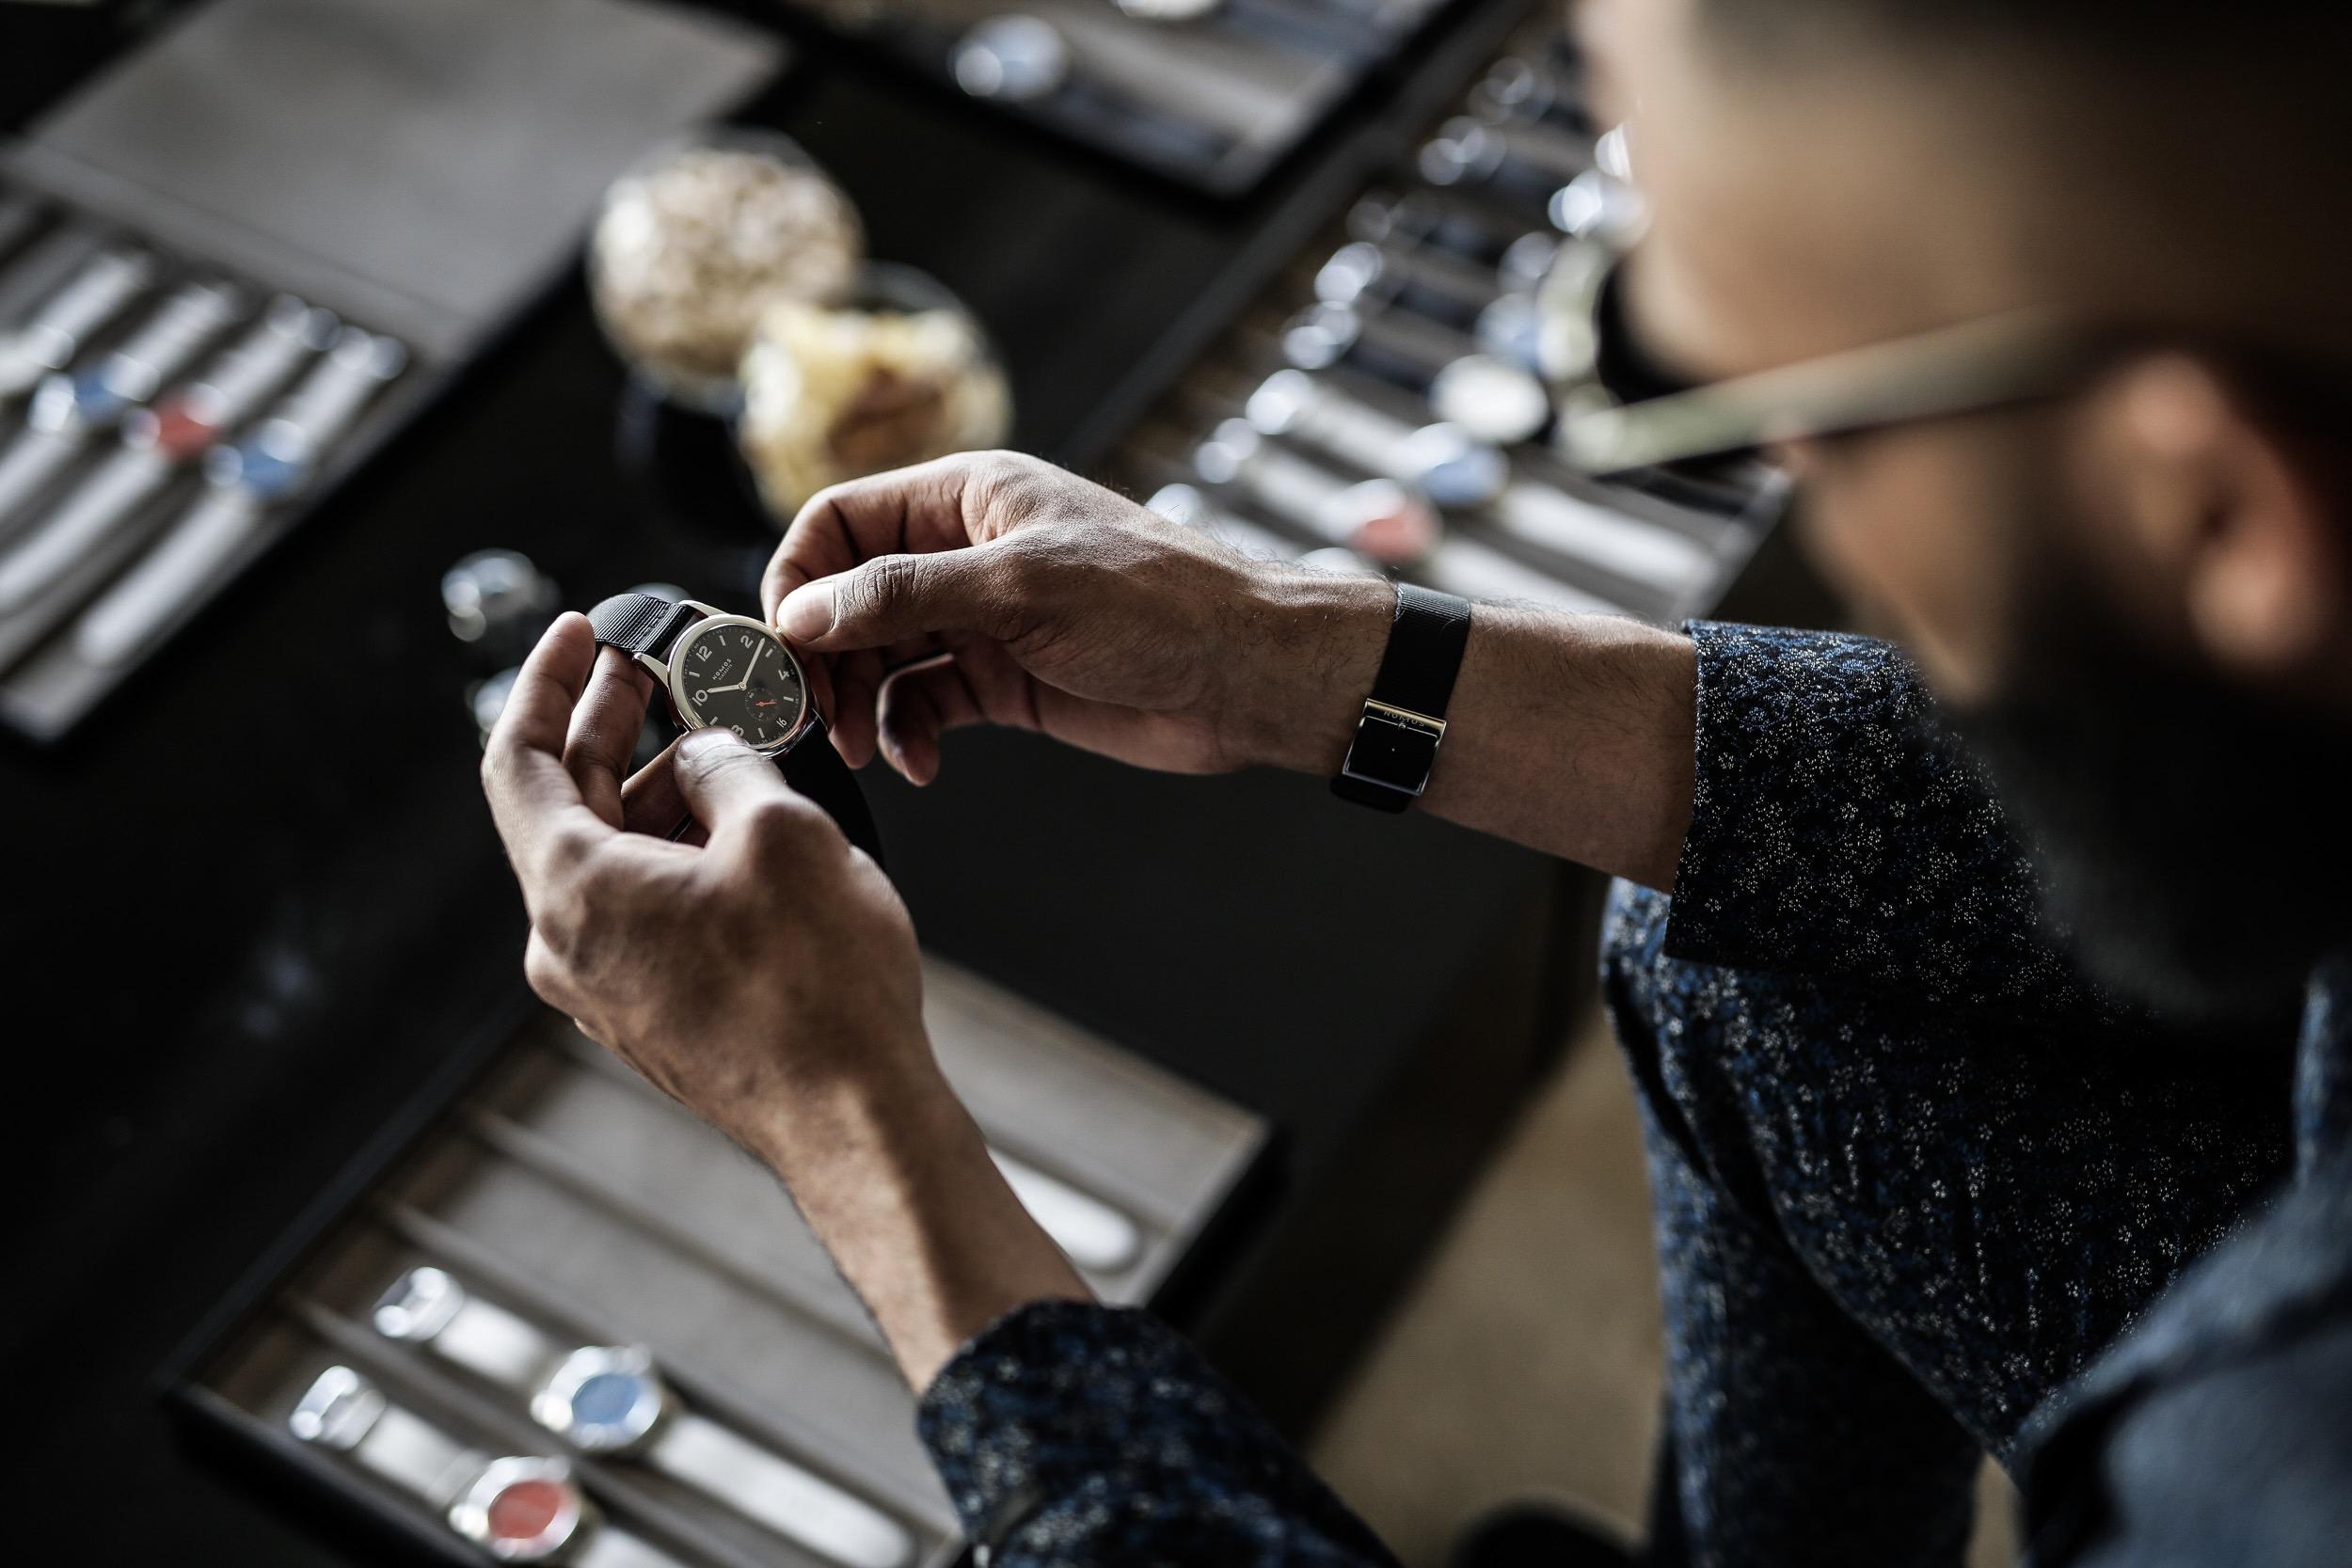 Rolex Panerai Und Co Diese Uhren Beeindrucken Frauen Am Meisten